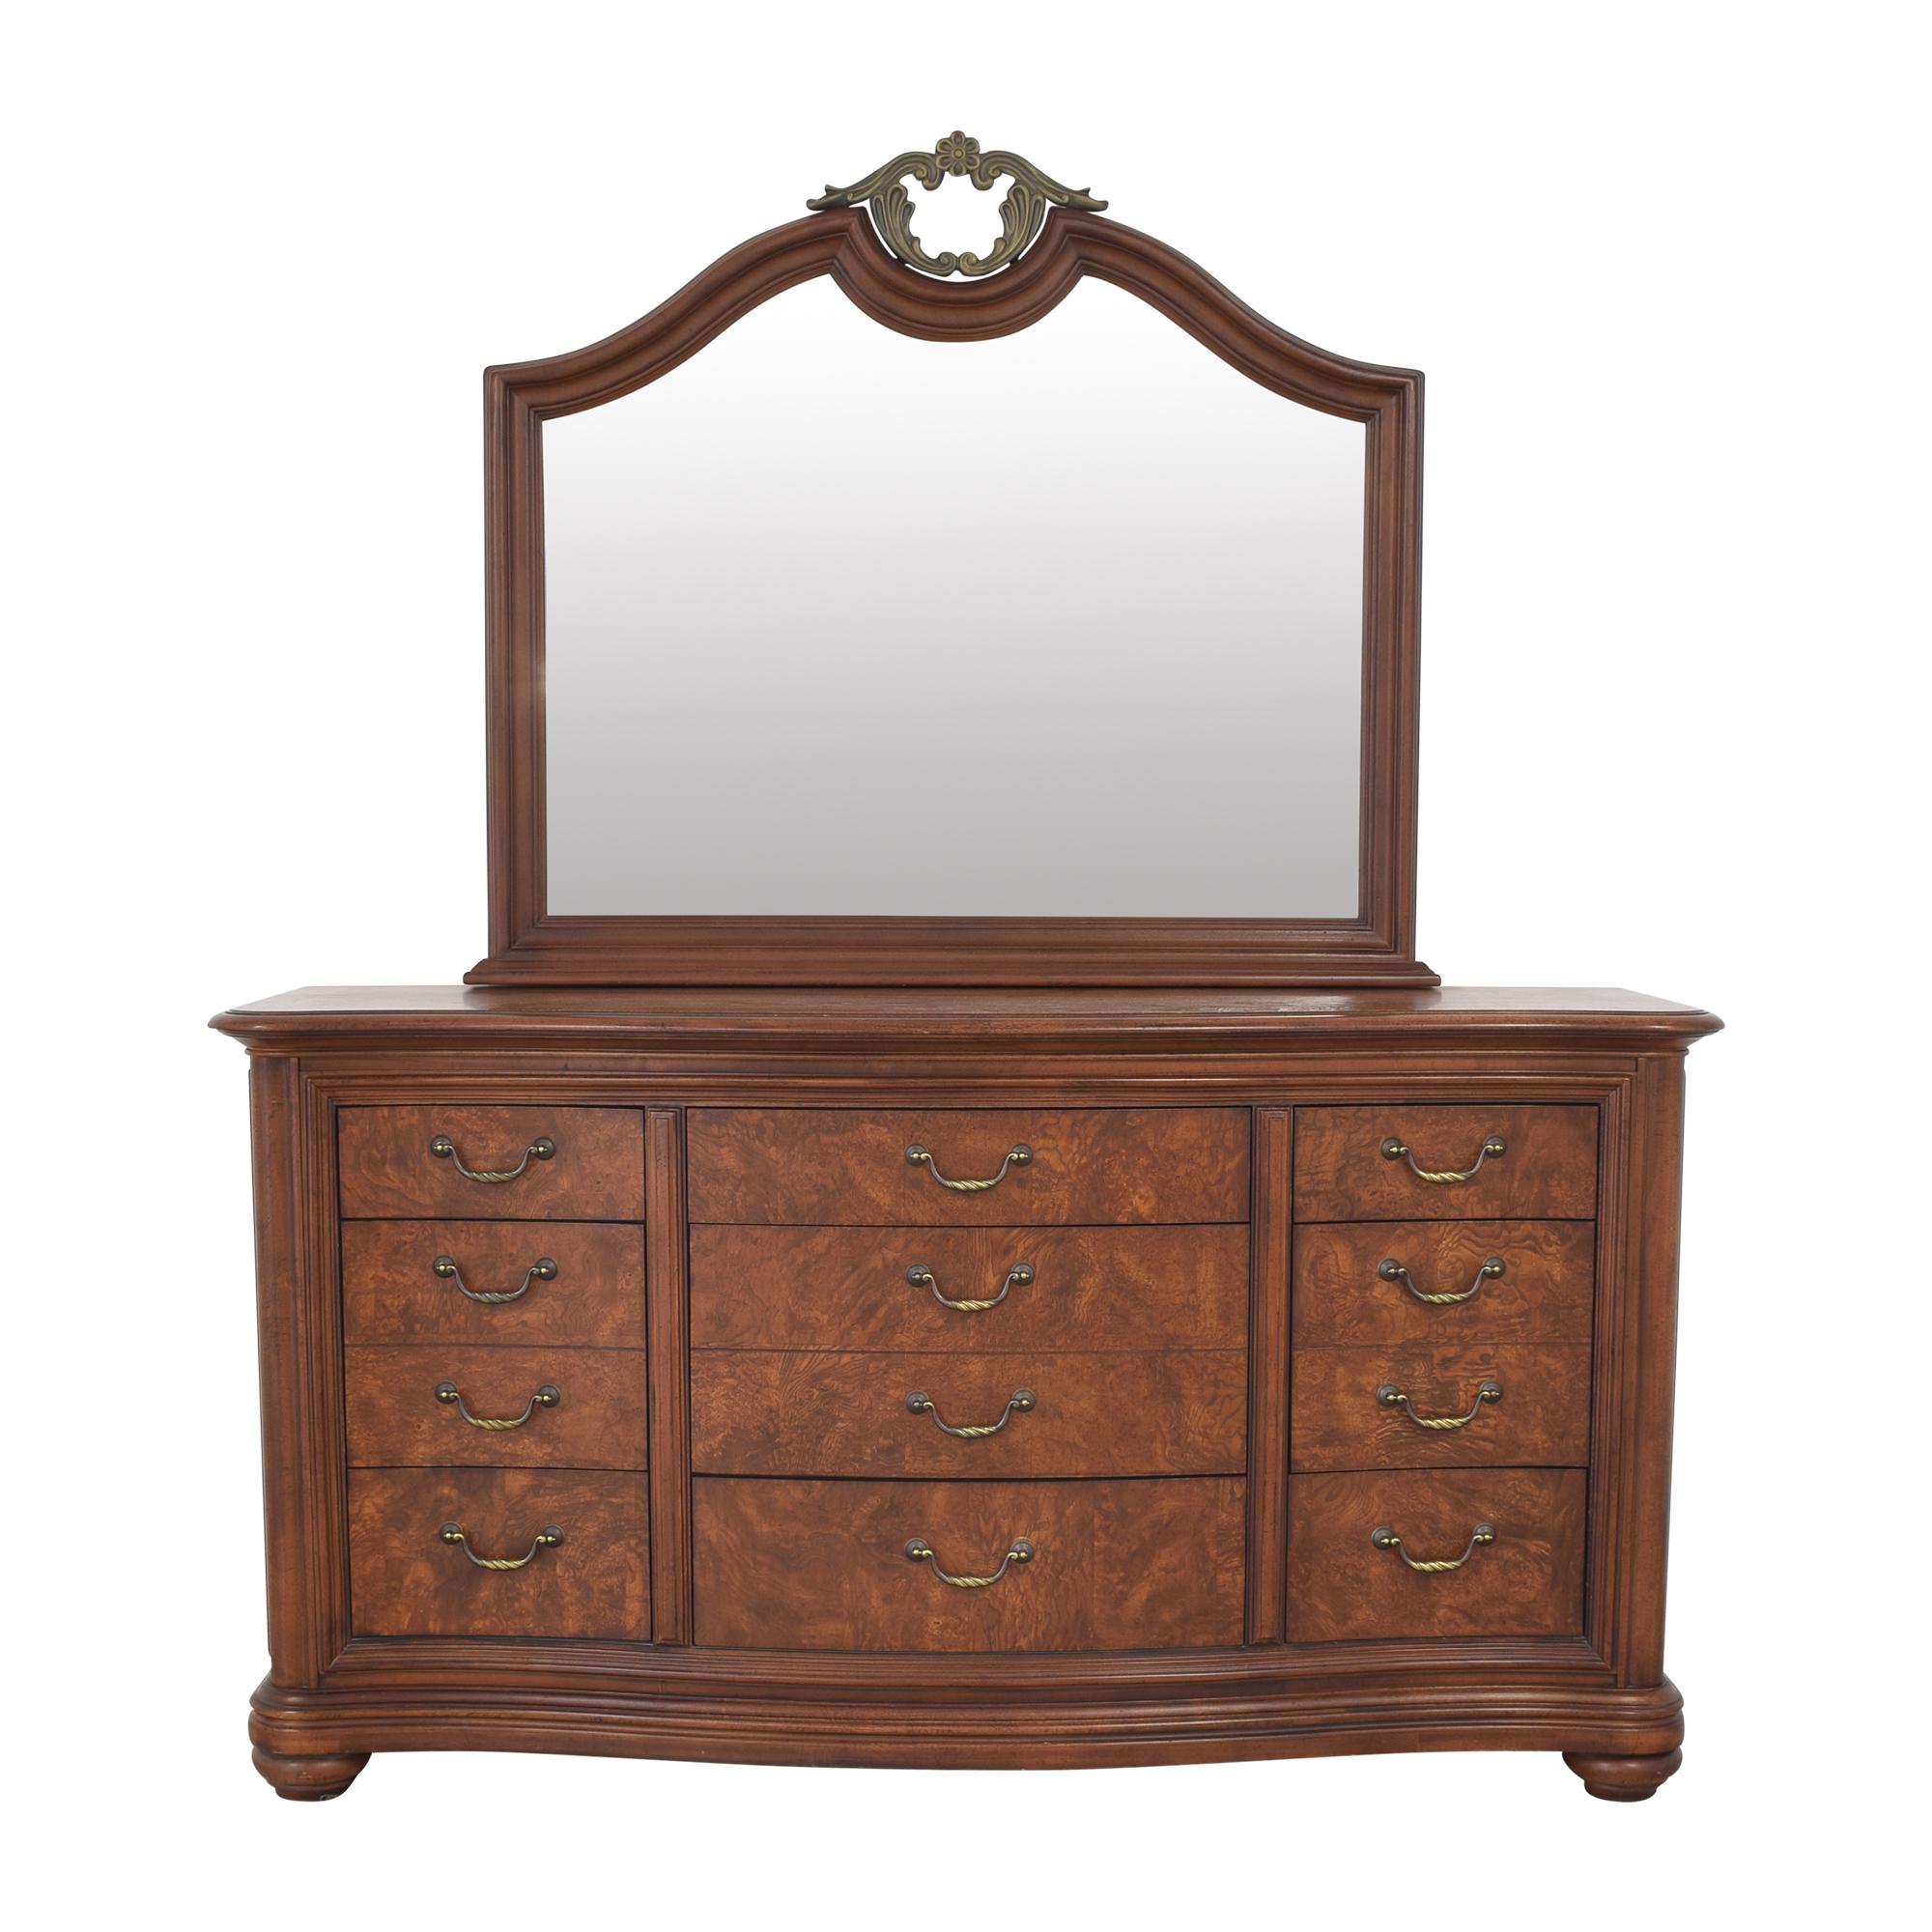 buy Thomasville Twelve Drawer Dresser with Mirror Thomasville